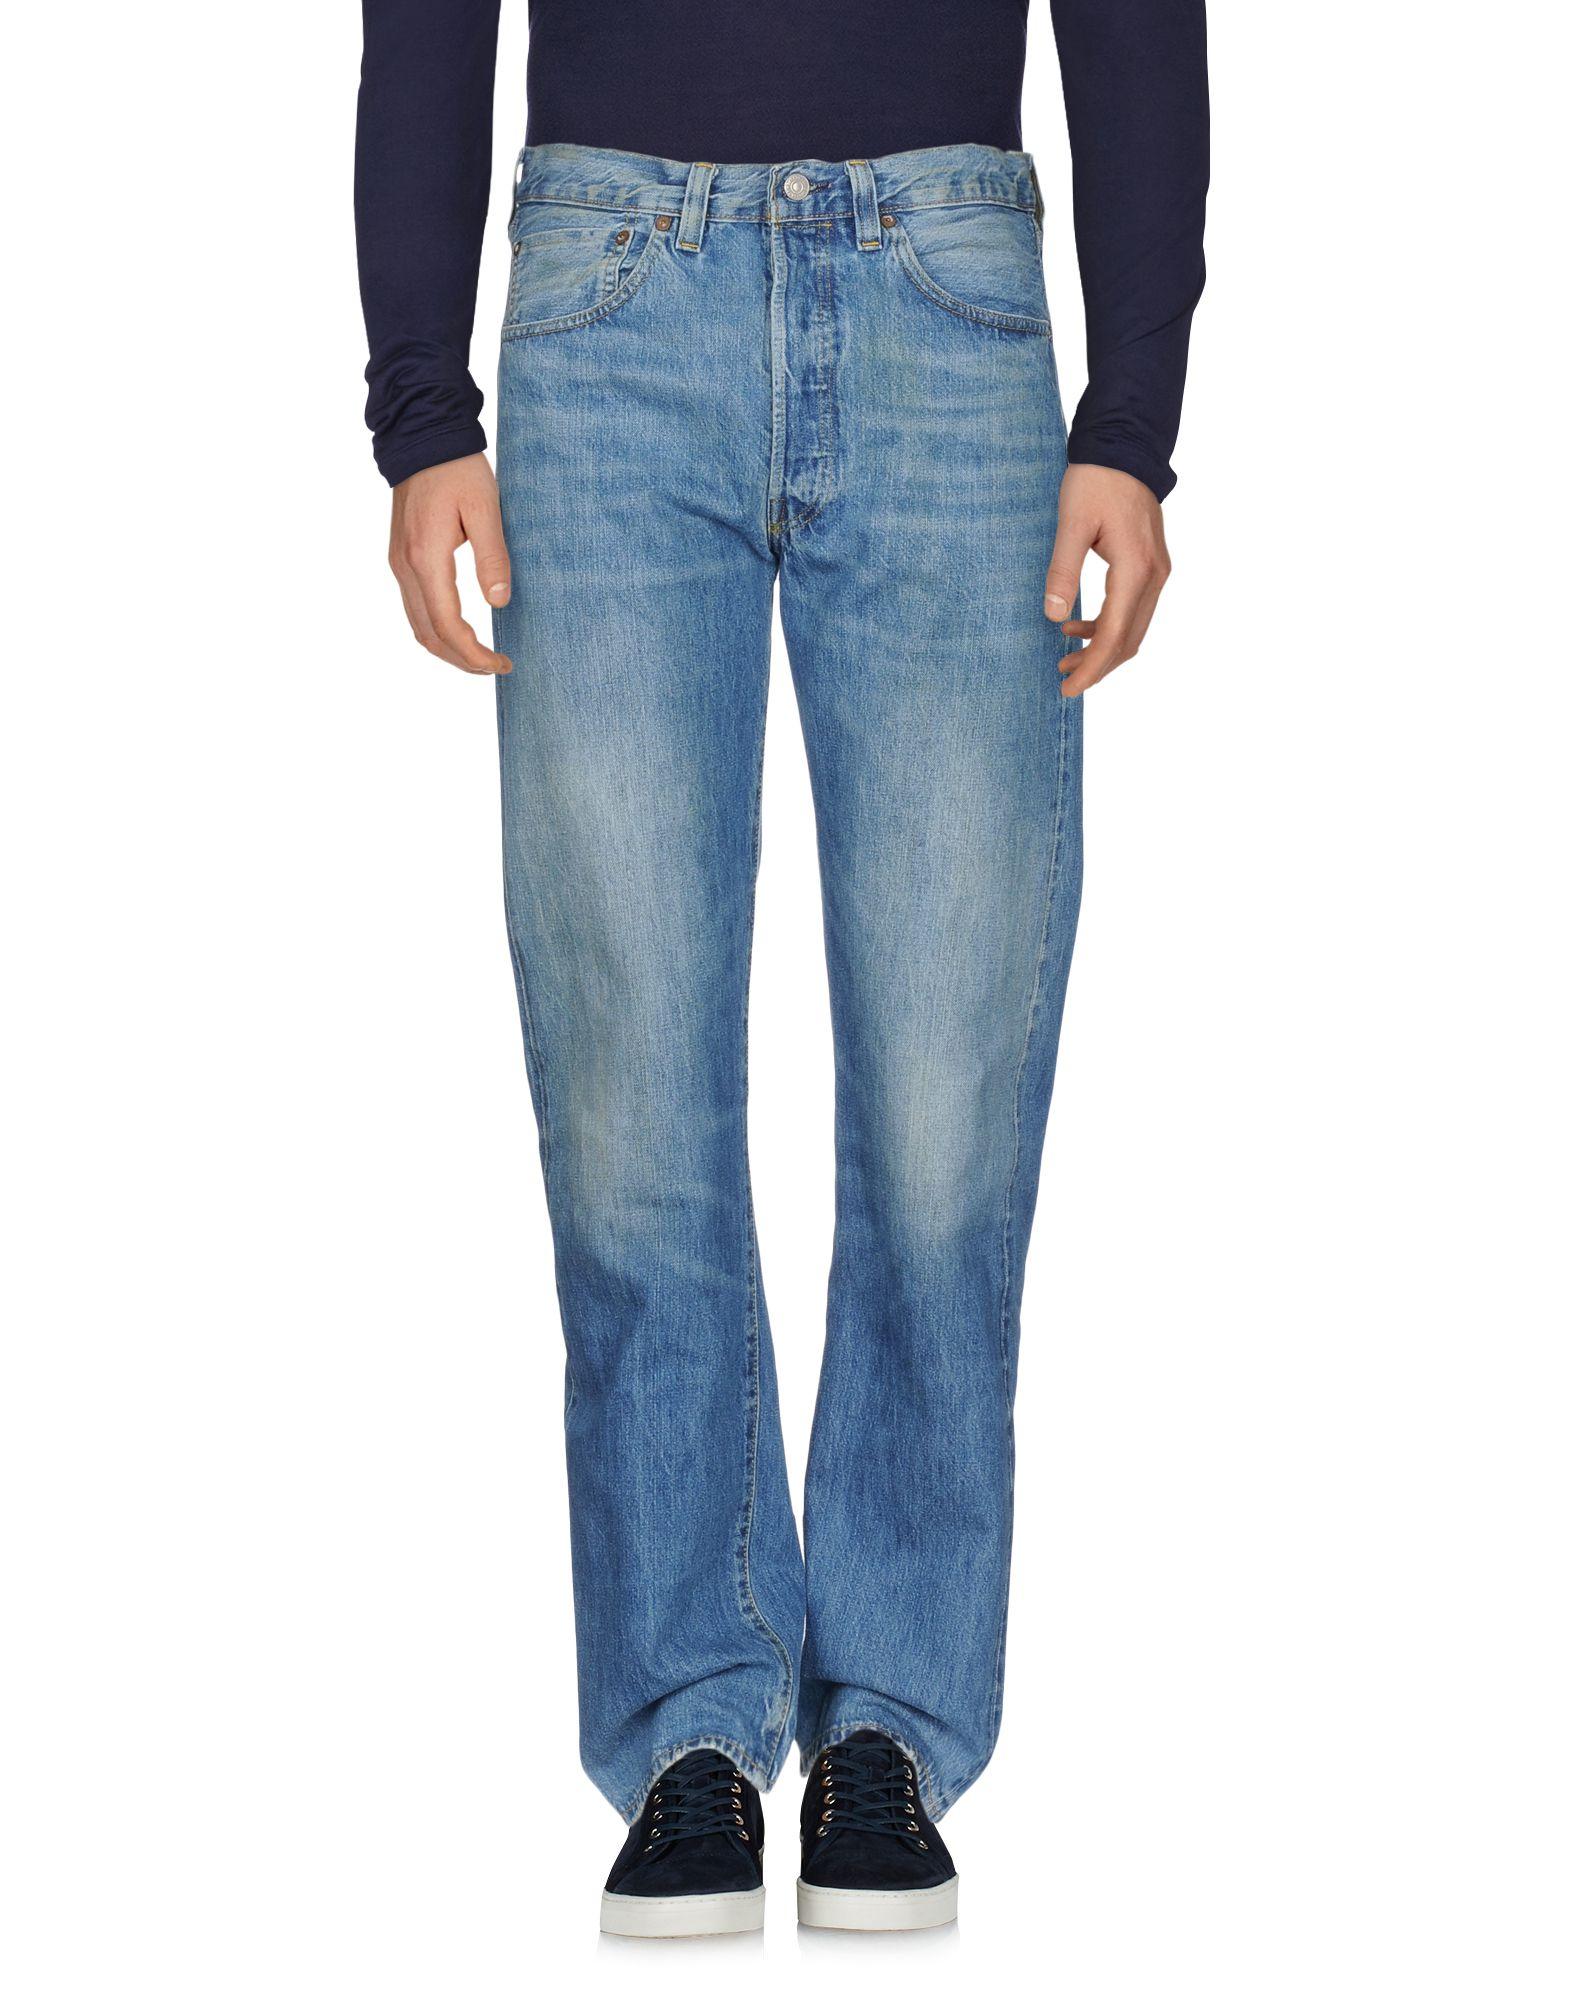 Pantaloni Jeans Levis Vintage Clothing Donna - Acquista online su